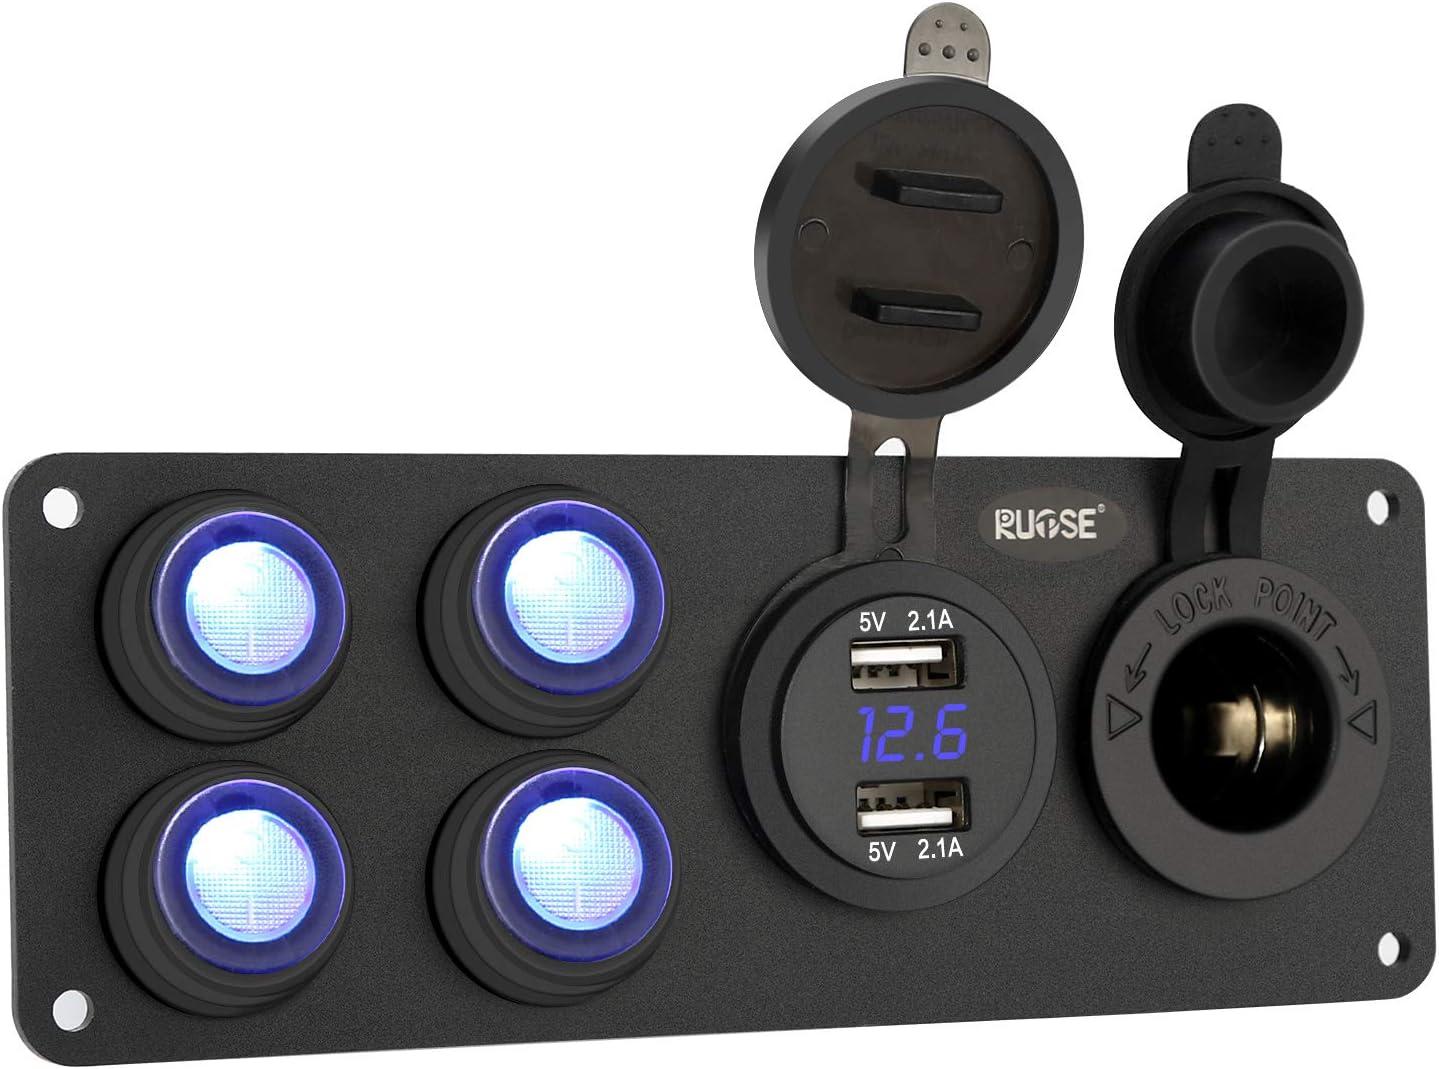 Rupse Panneau de Chargeur Prise Double USB Voiture QC3.0 avec Allume Cigare 12V Adaptateur Socket Commutateur Ind/épendant pour V/éhicules 12V-24V Bateau Moto Camion Camping-car Caravane LED Voltm/ètre